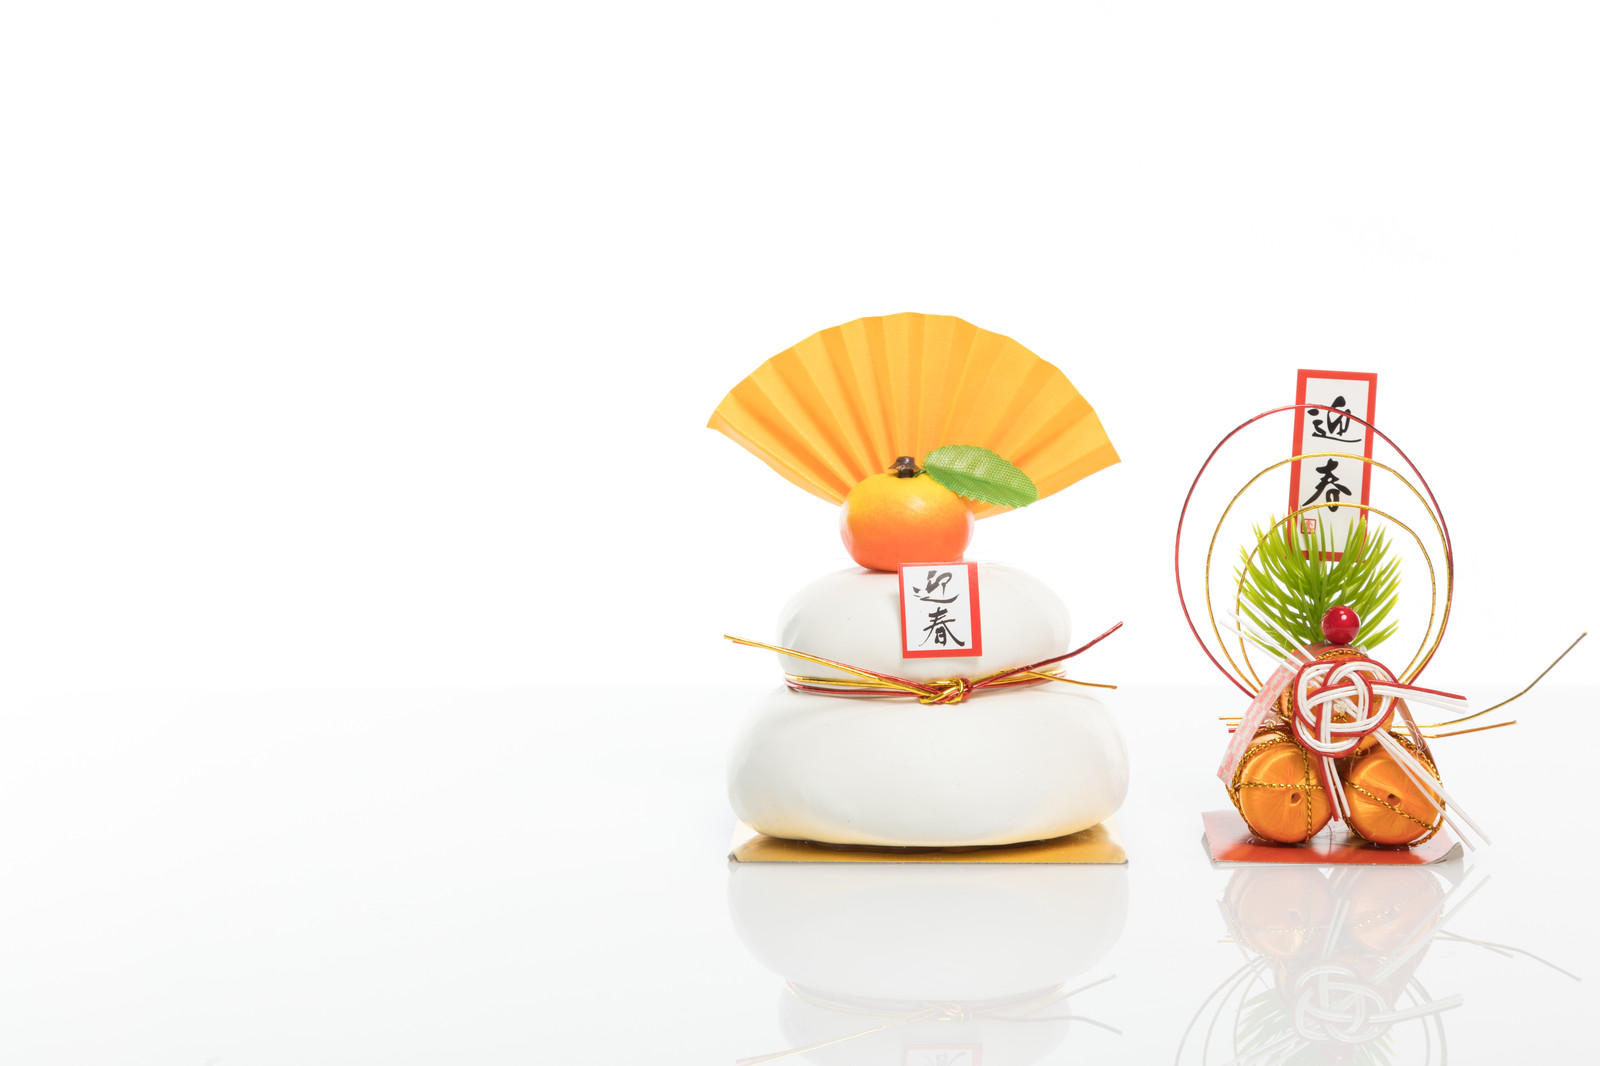 「正月飾り(小物)」の写真